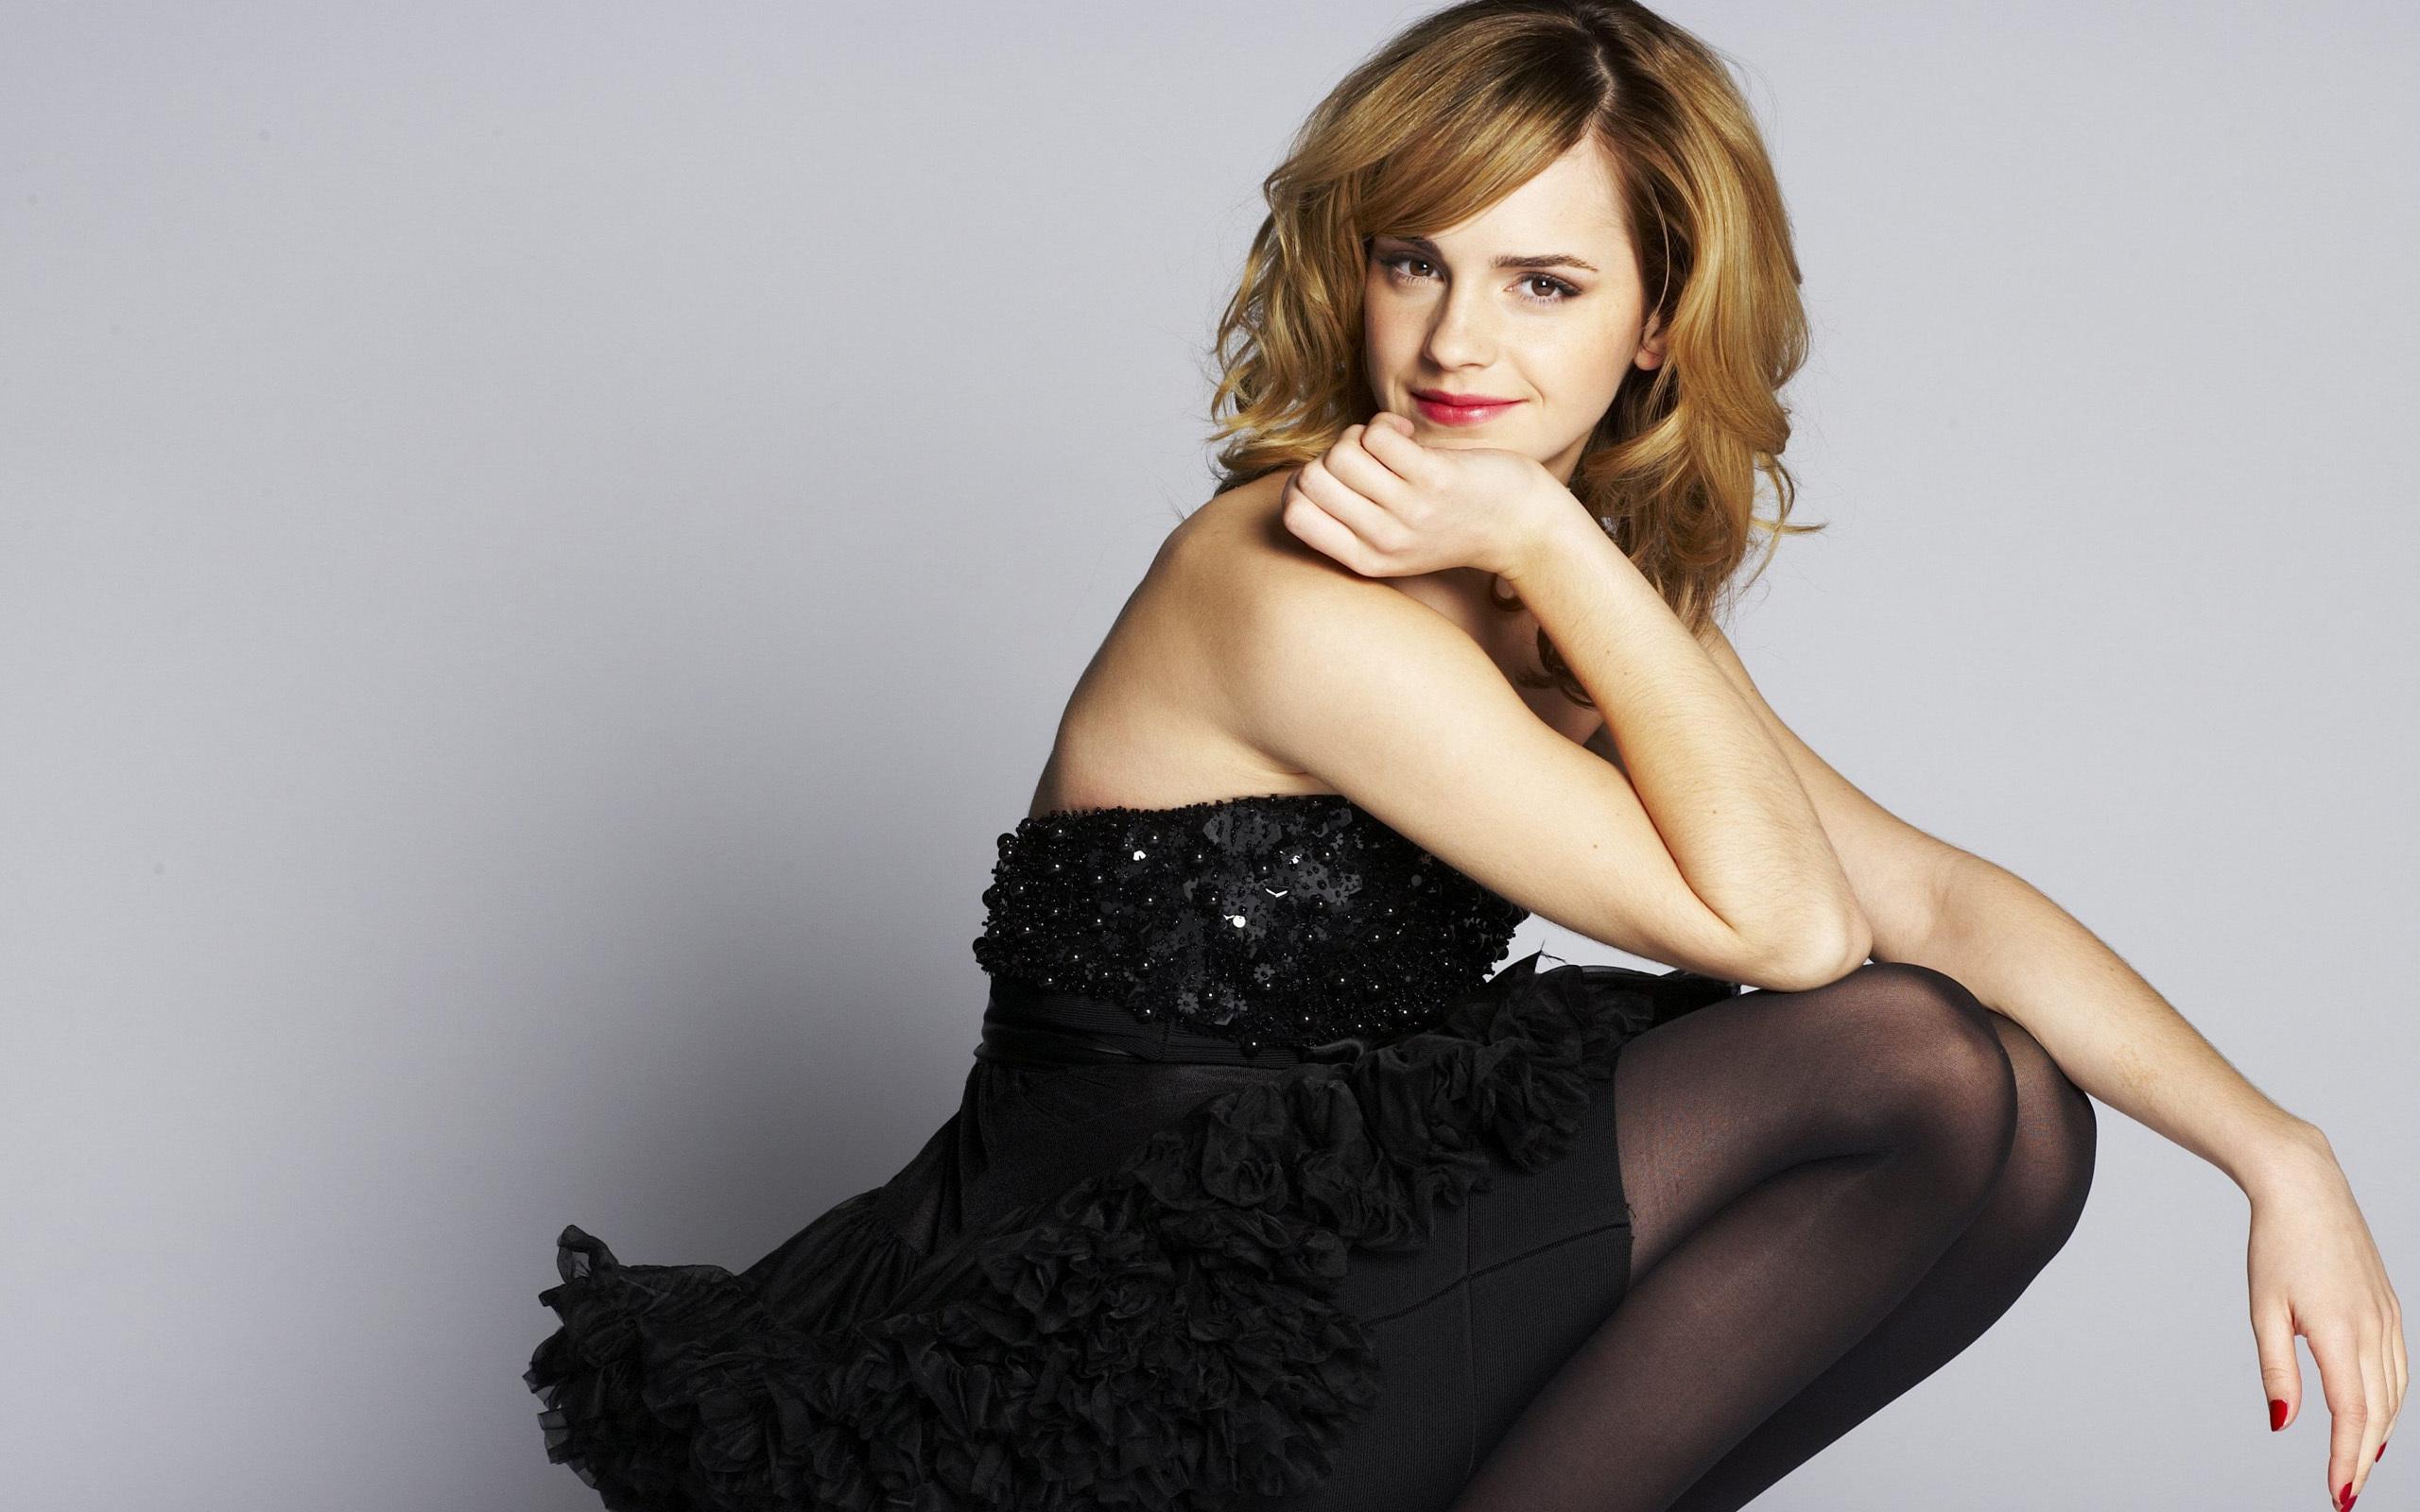 Emma Watson HD Wallpapers 2015 2560x1600